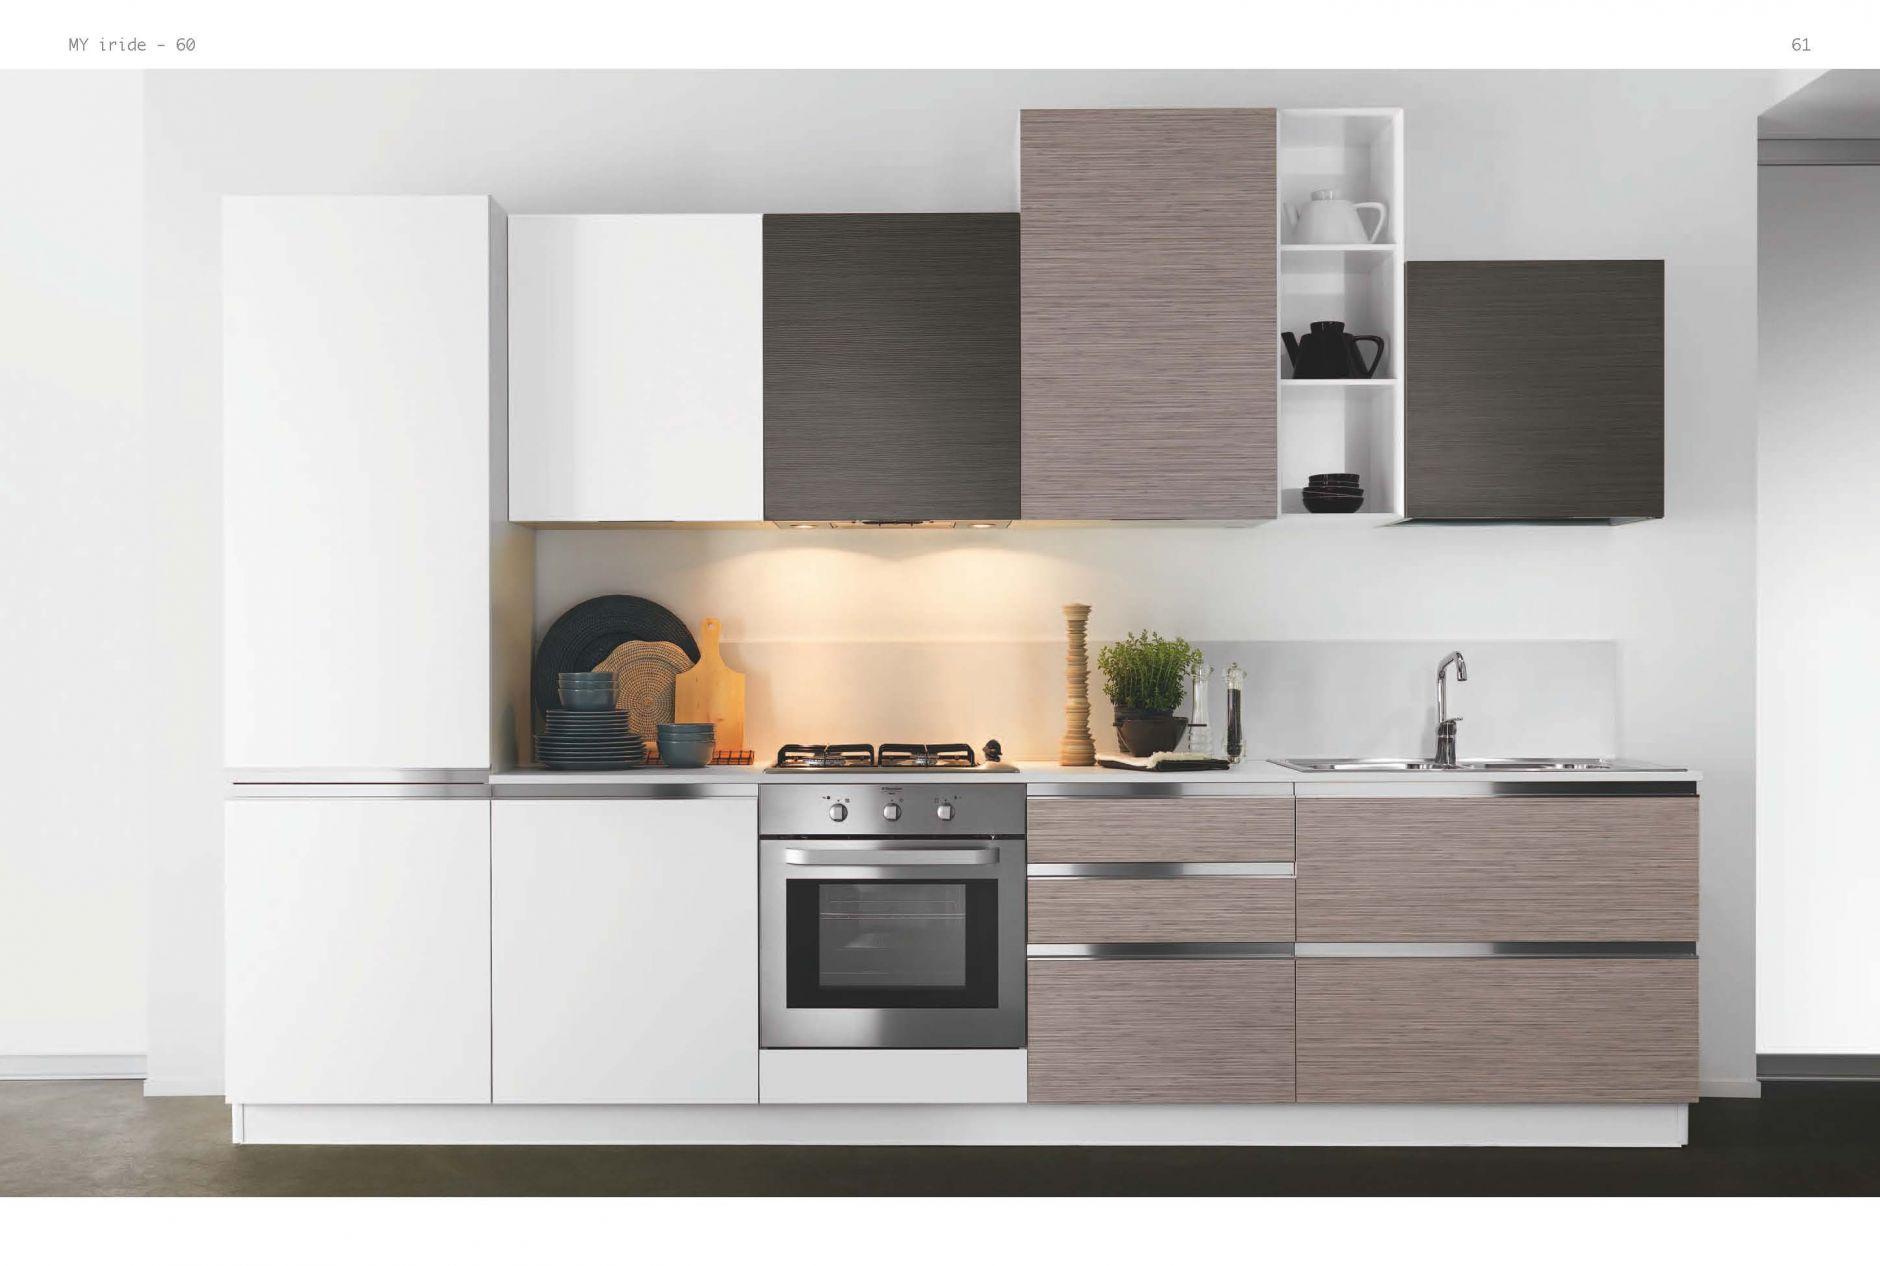 k chen k chen serie iridedie m bel aus italien. Black Bedroom Furniture Sets. Home Design Ideas